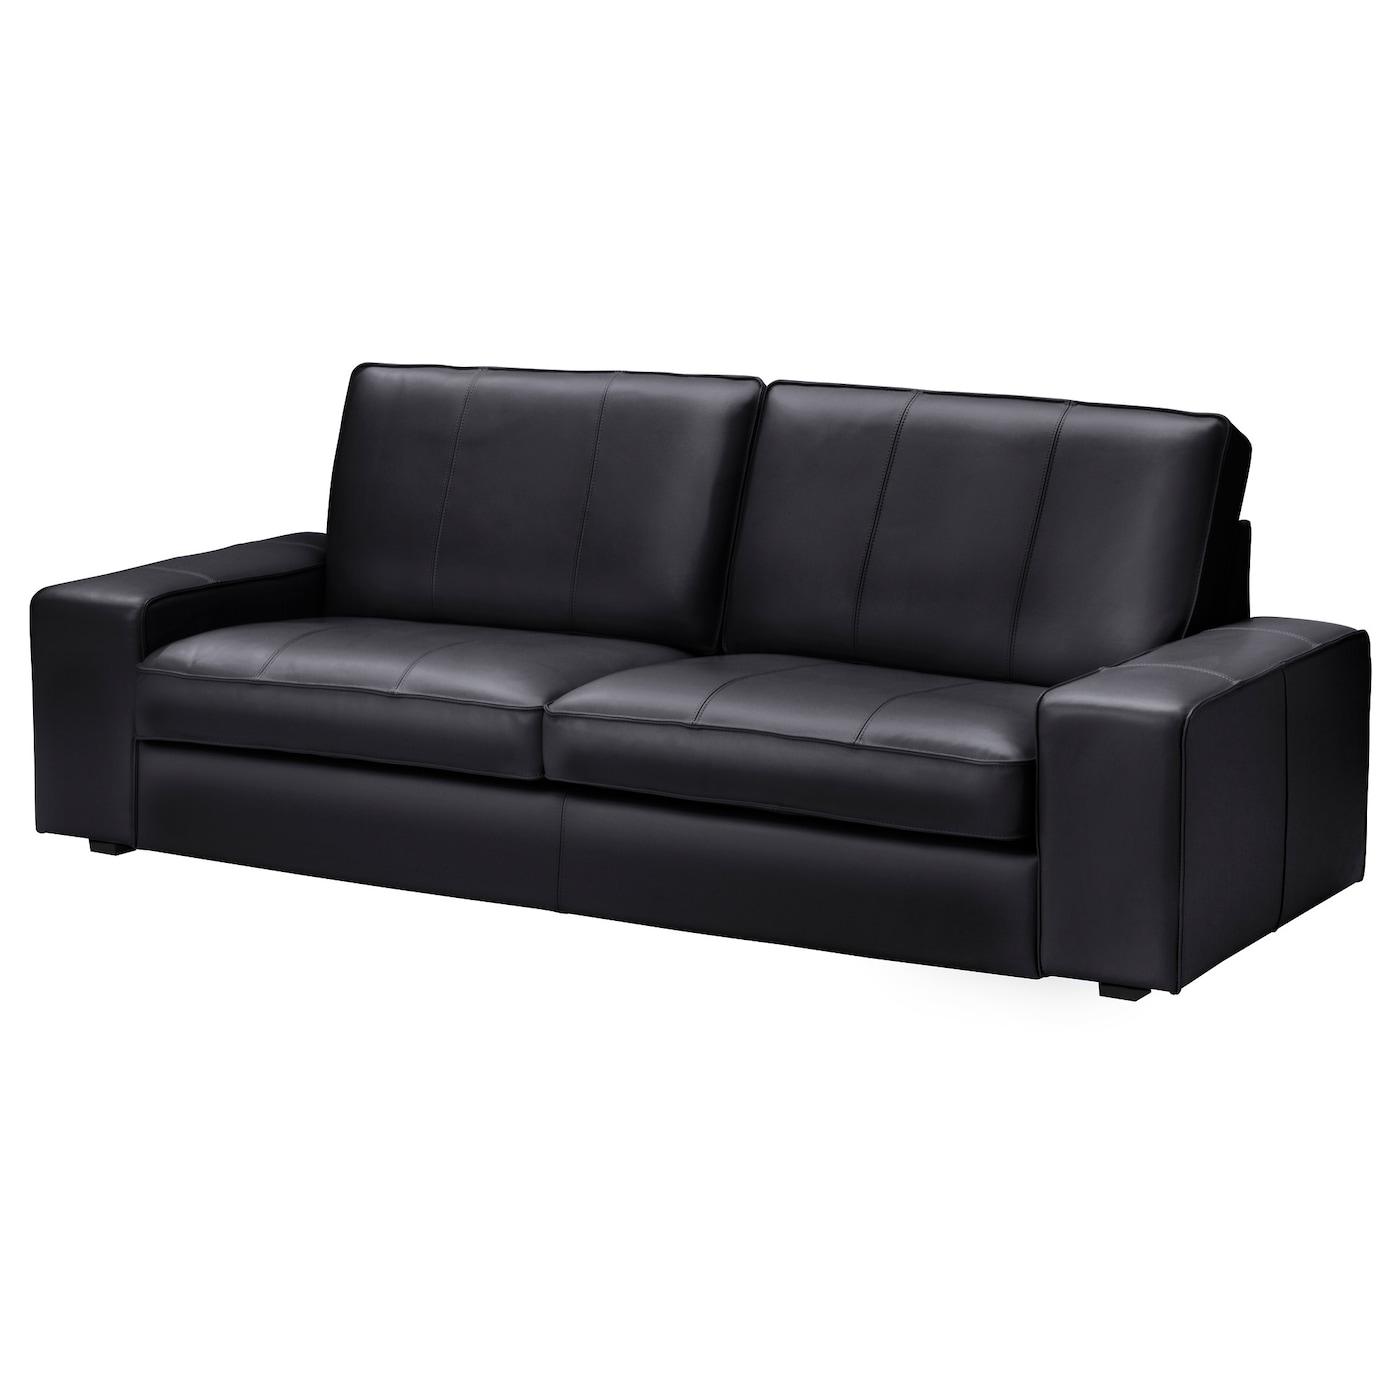 IKEA KIVIK czarna sofa trzyosobowa